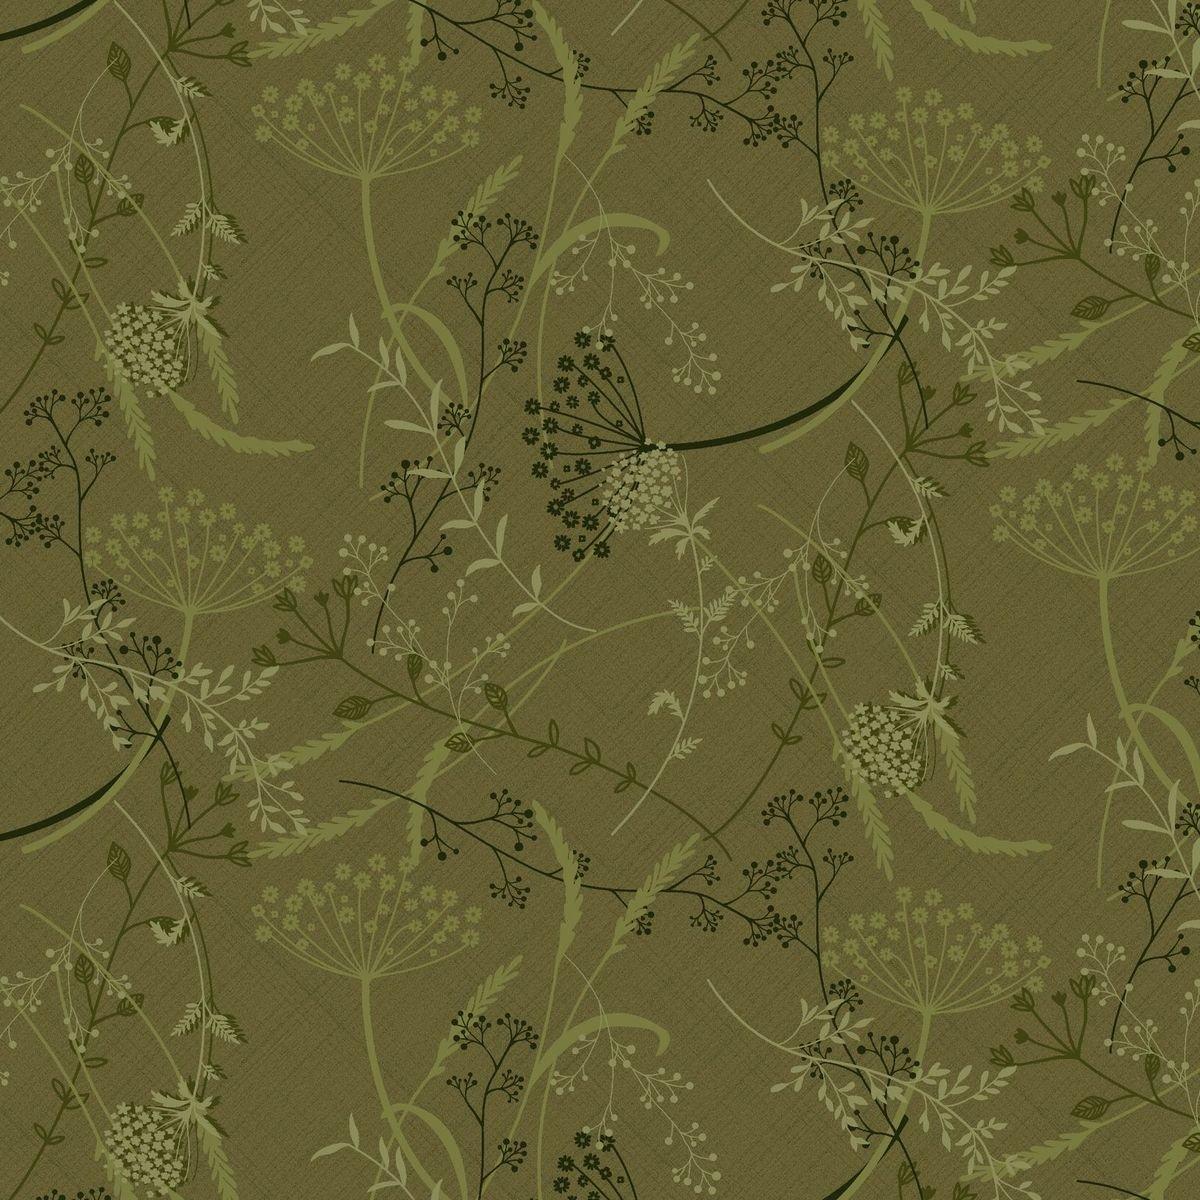 HG-Blessings of Home 2682-66 Green - Dandelion